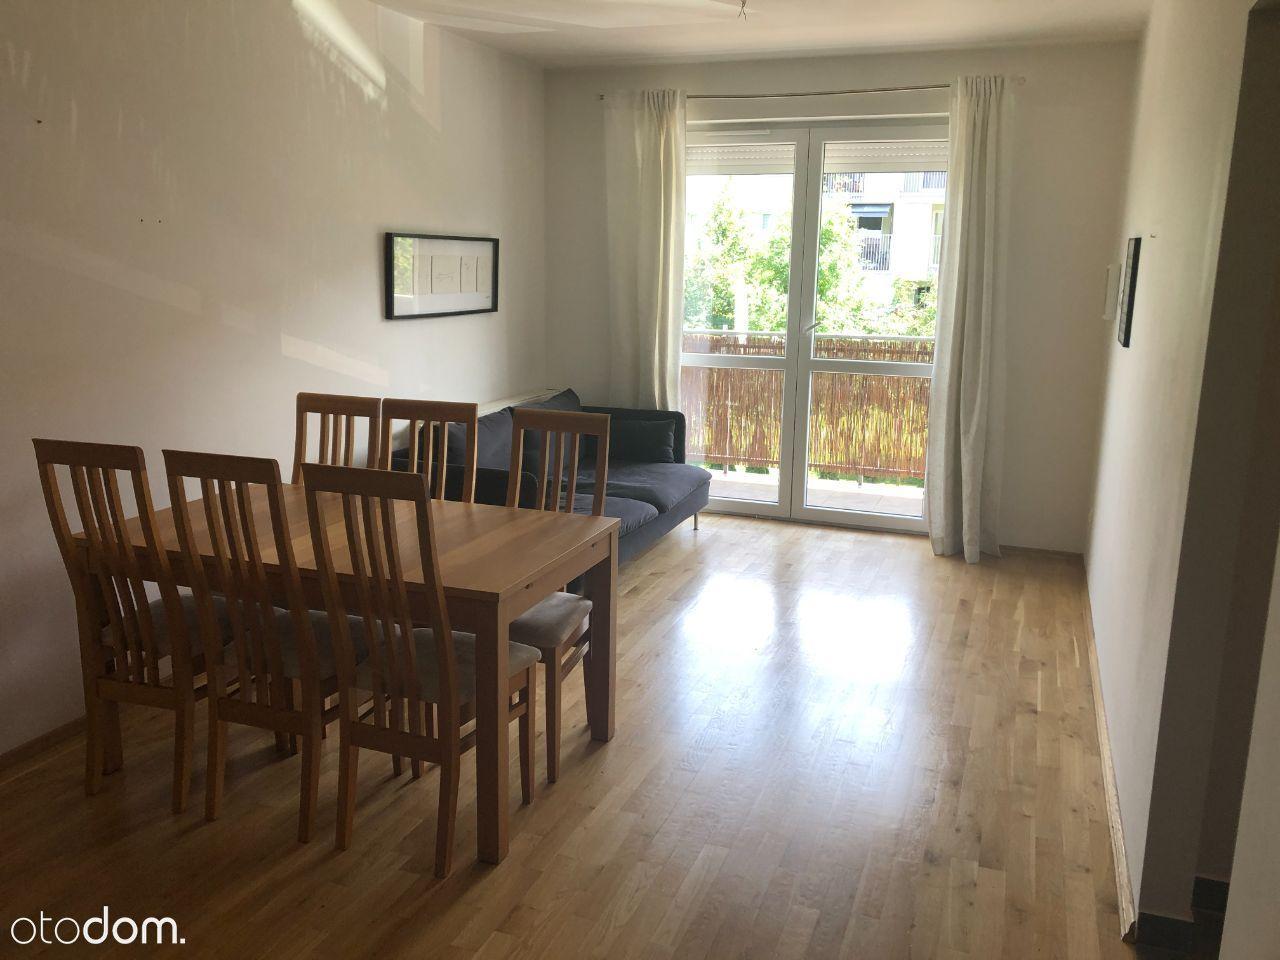 Mieszkanie 2 pokojowe z piwnicą i balkonem 52m2